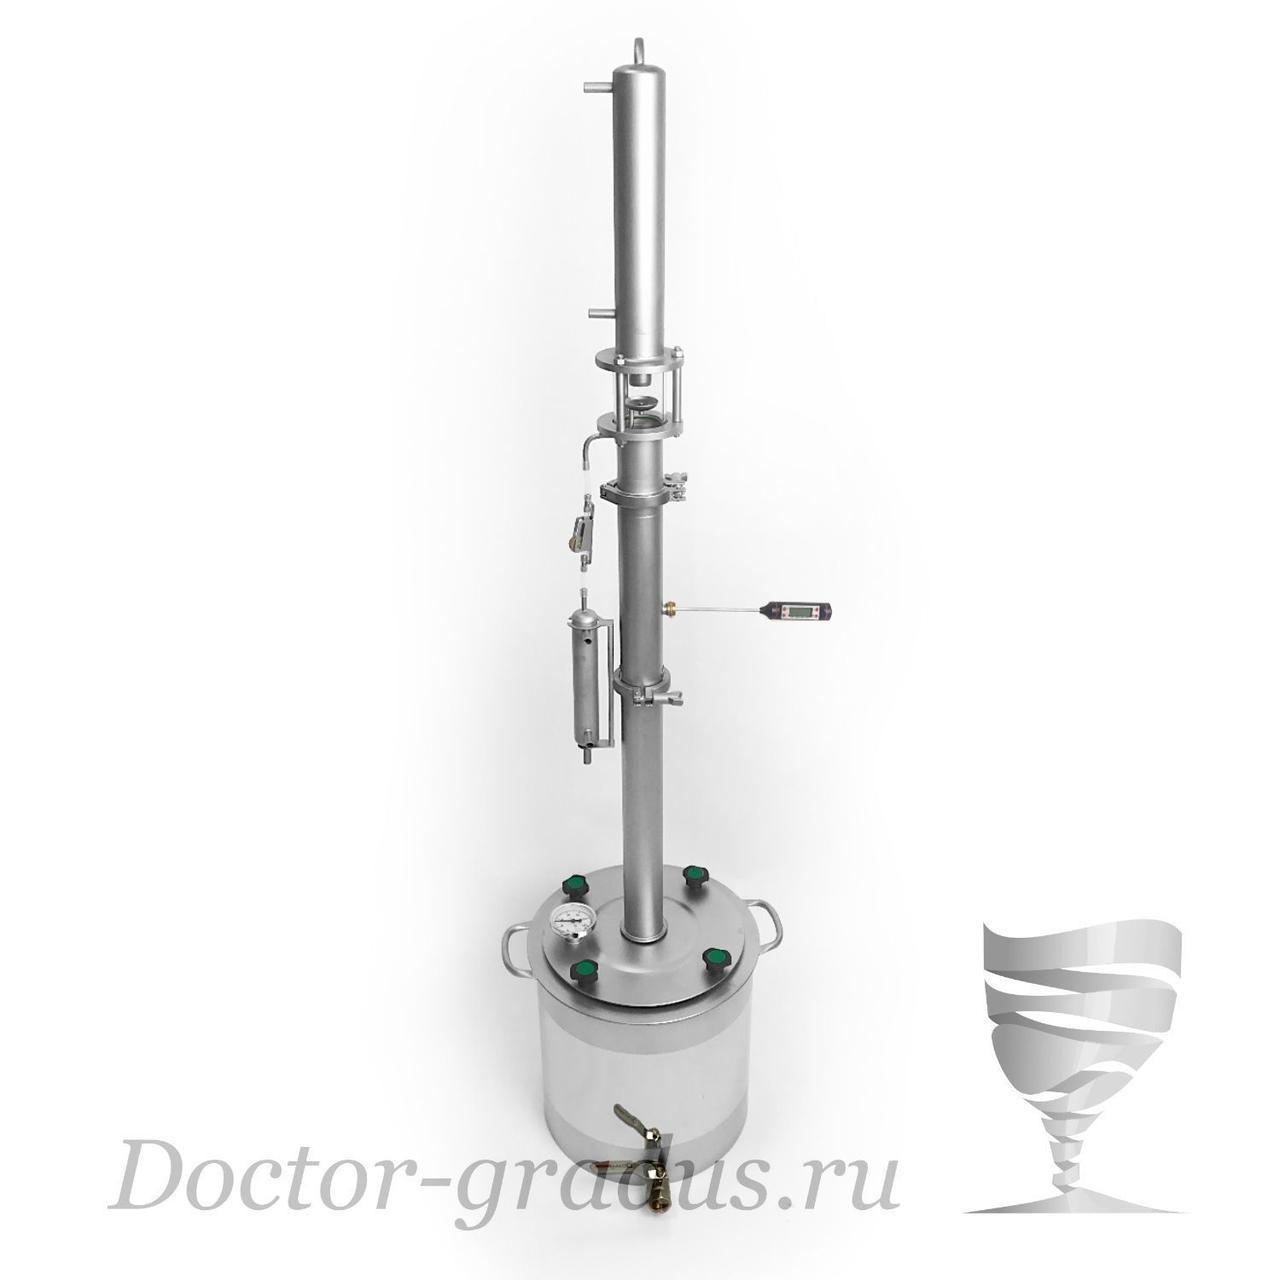 """Дистиллятор  Доктор Градус """"Стиллмен-Космо"""" с кубом 50 литров"""